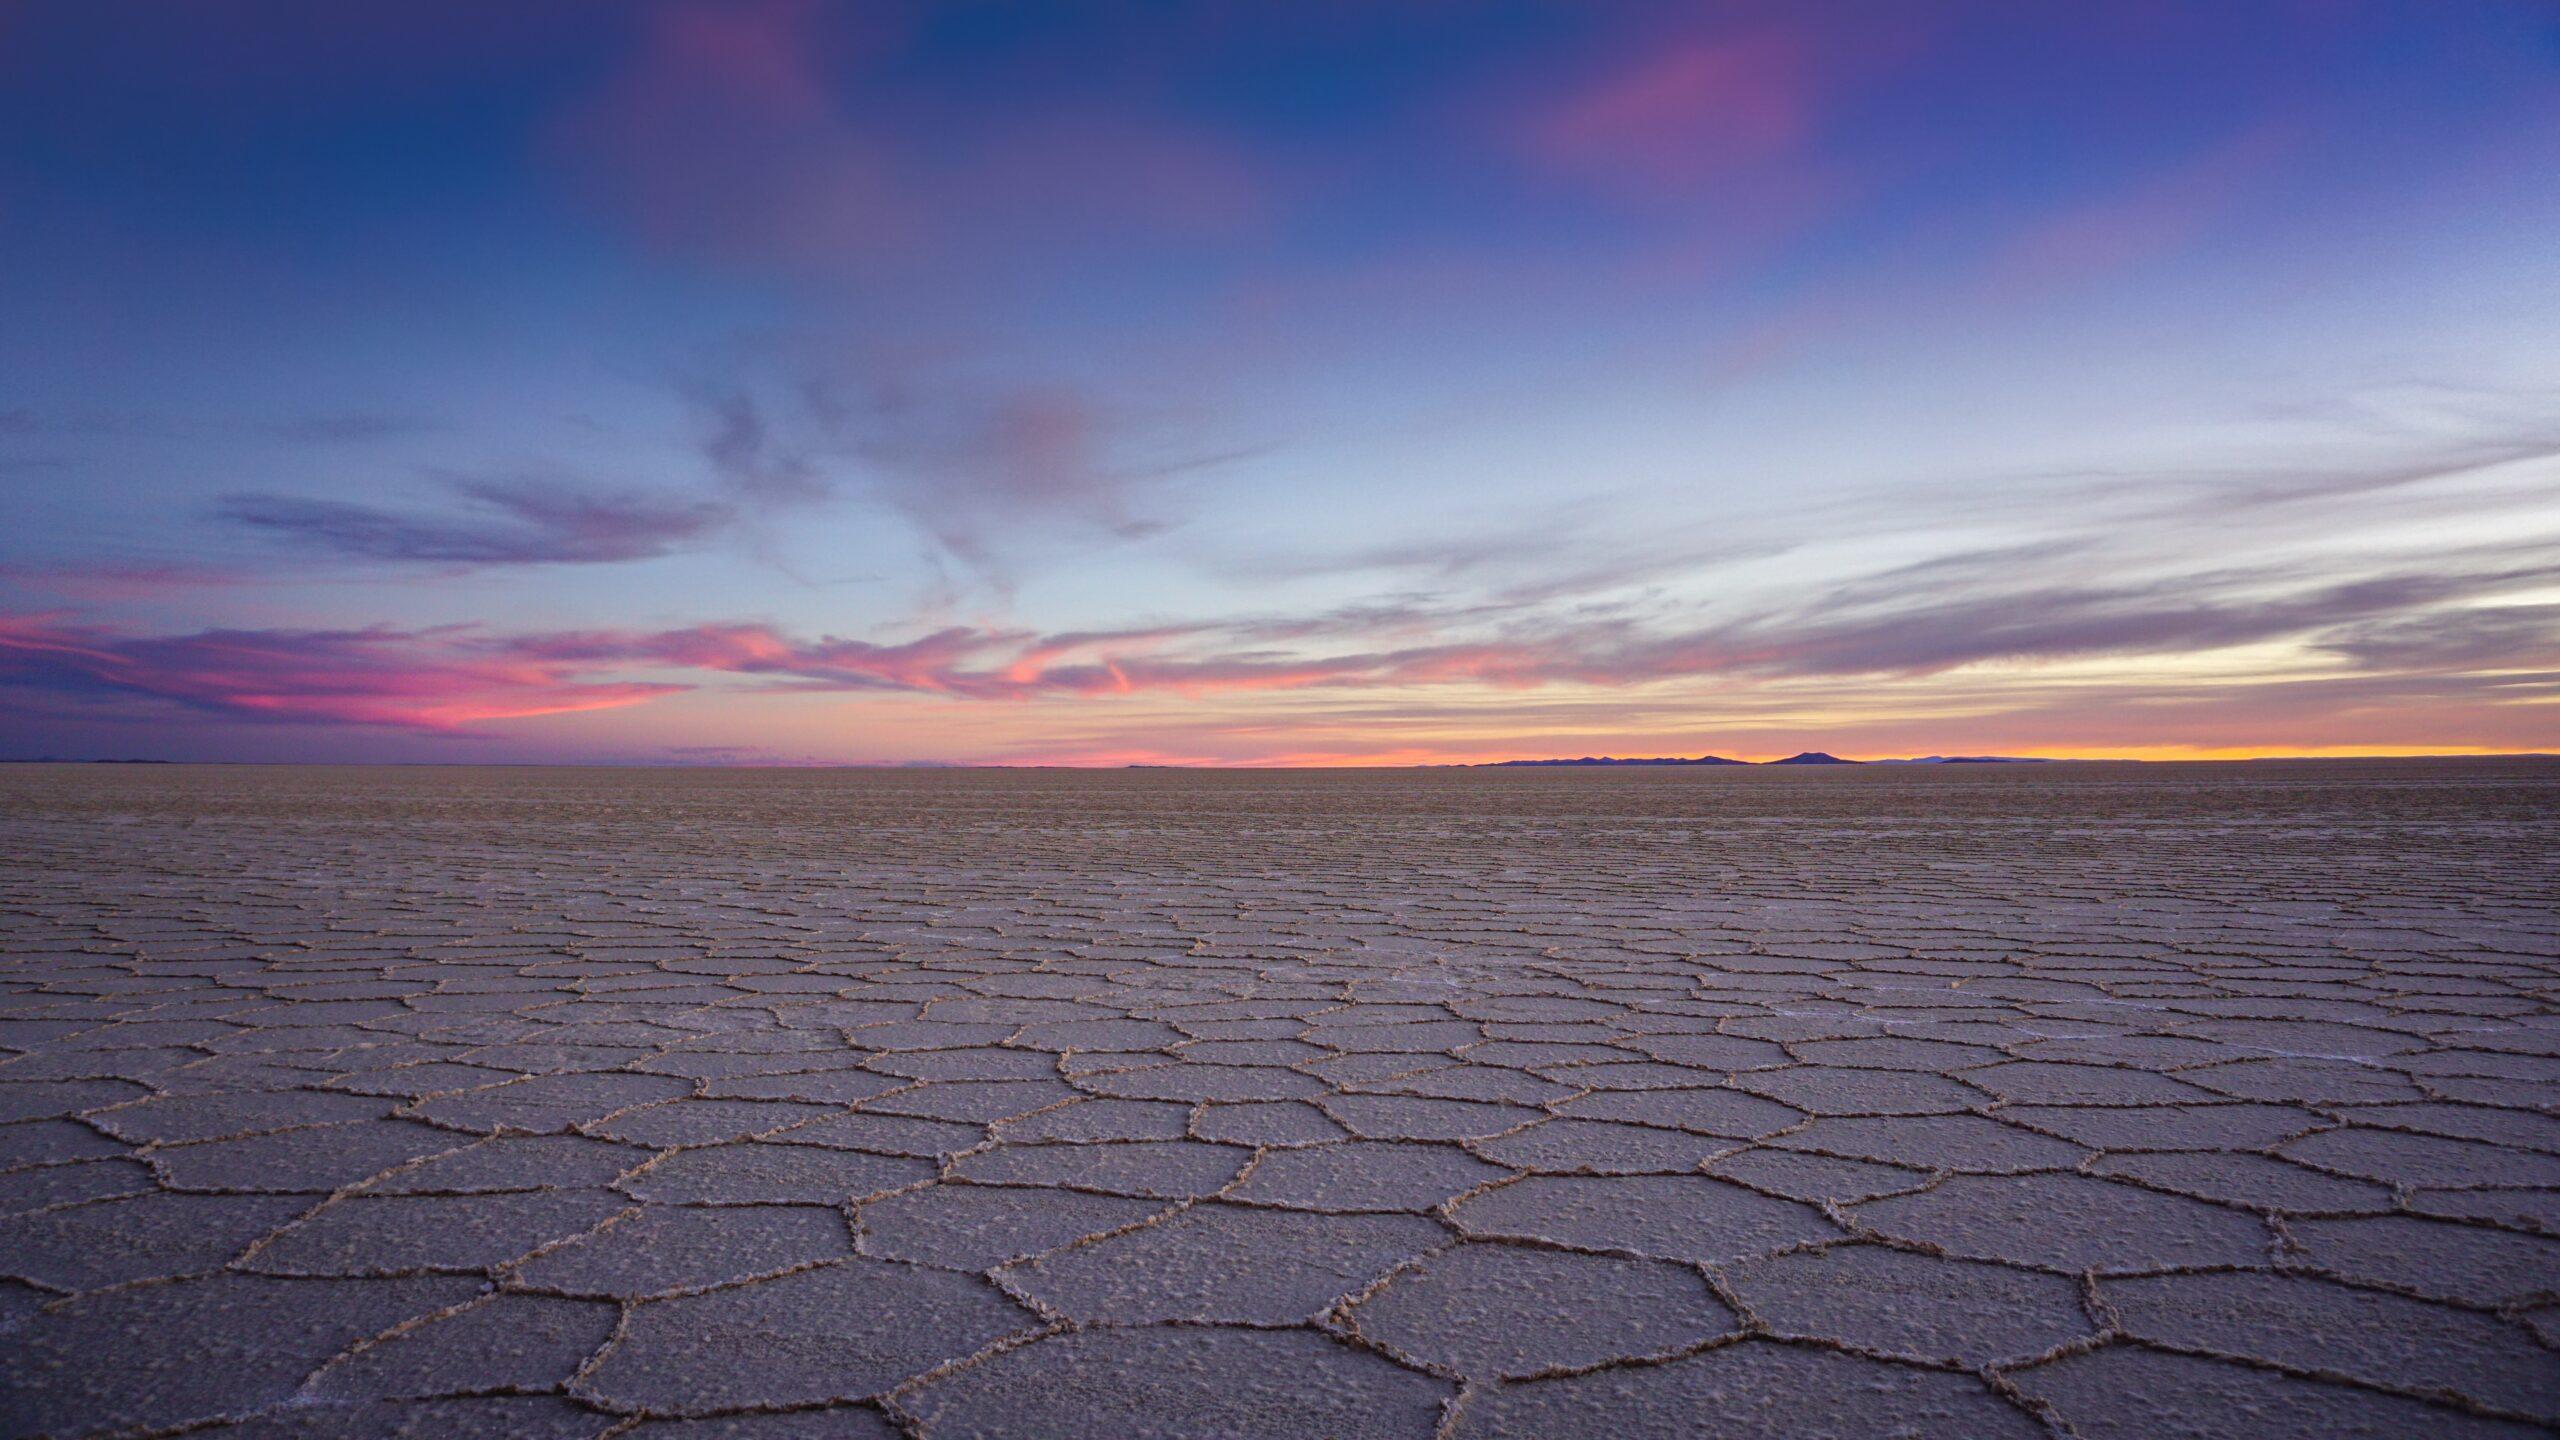 Imagen de la noticia Desarrollo y transferencia de innovación científica generada en Andalucía, a través de la estación experimental IHSM La Mayor del CESIC, sobre un durazno más resiliente al cambio climático aplicado en la zona altoandina de Bolivia